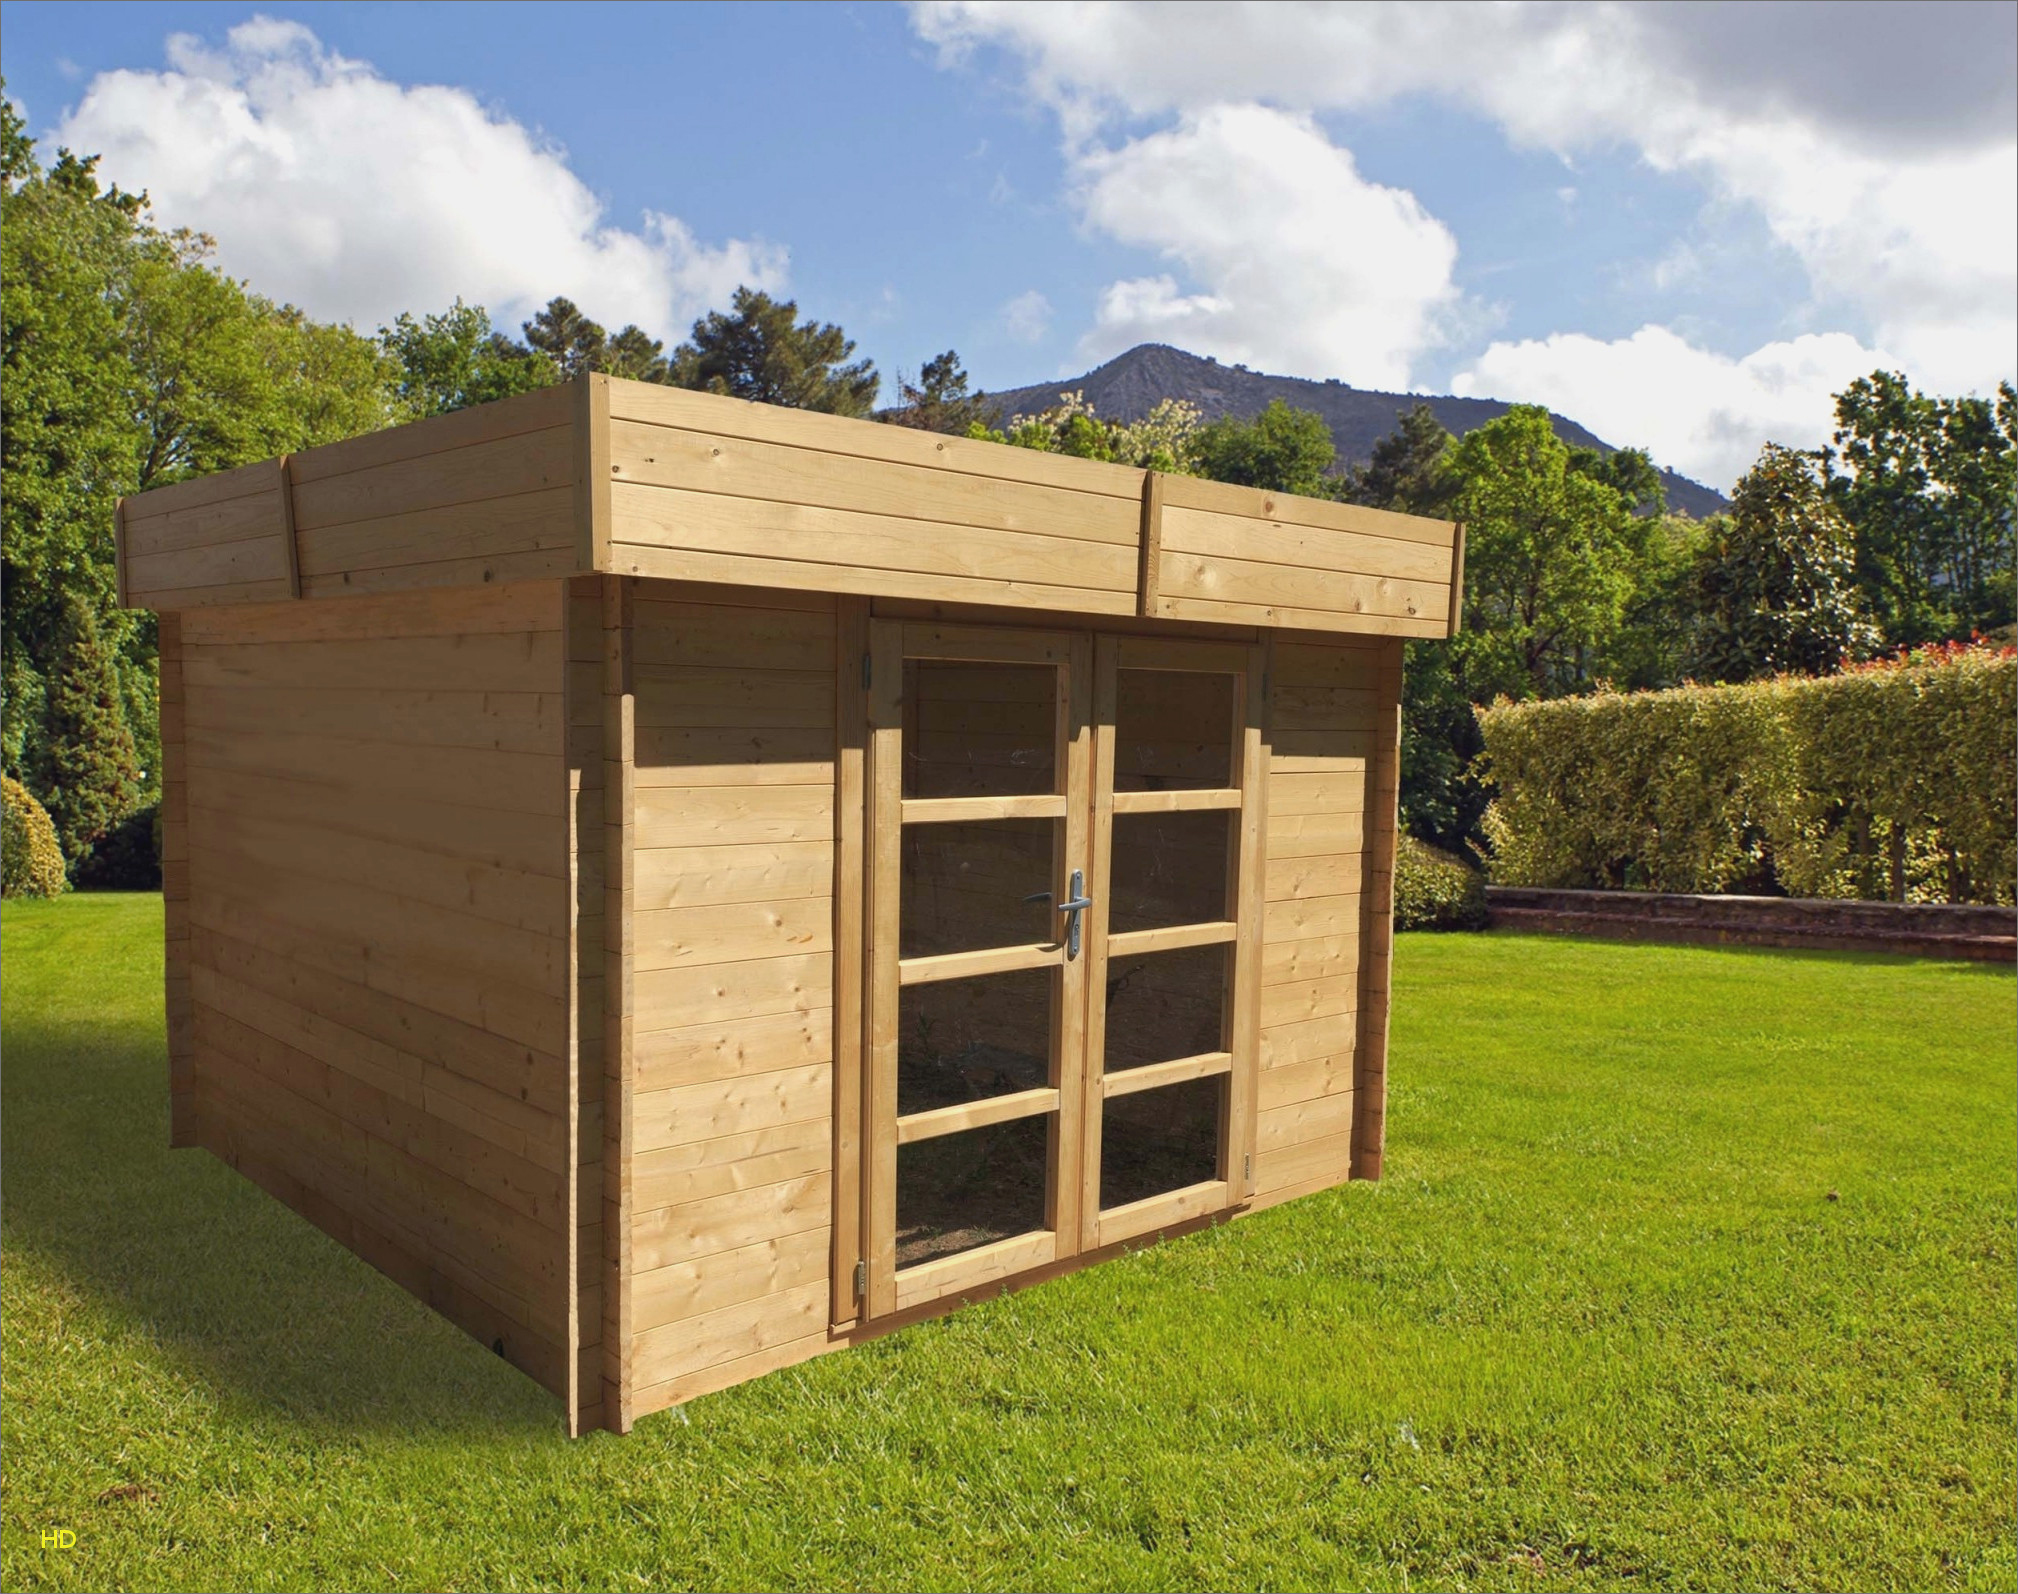 Carport Monsieur Bricolage Frais Galerie Luxe 40 De soldes Abri De Jardin Bois Concept